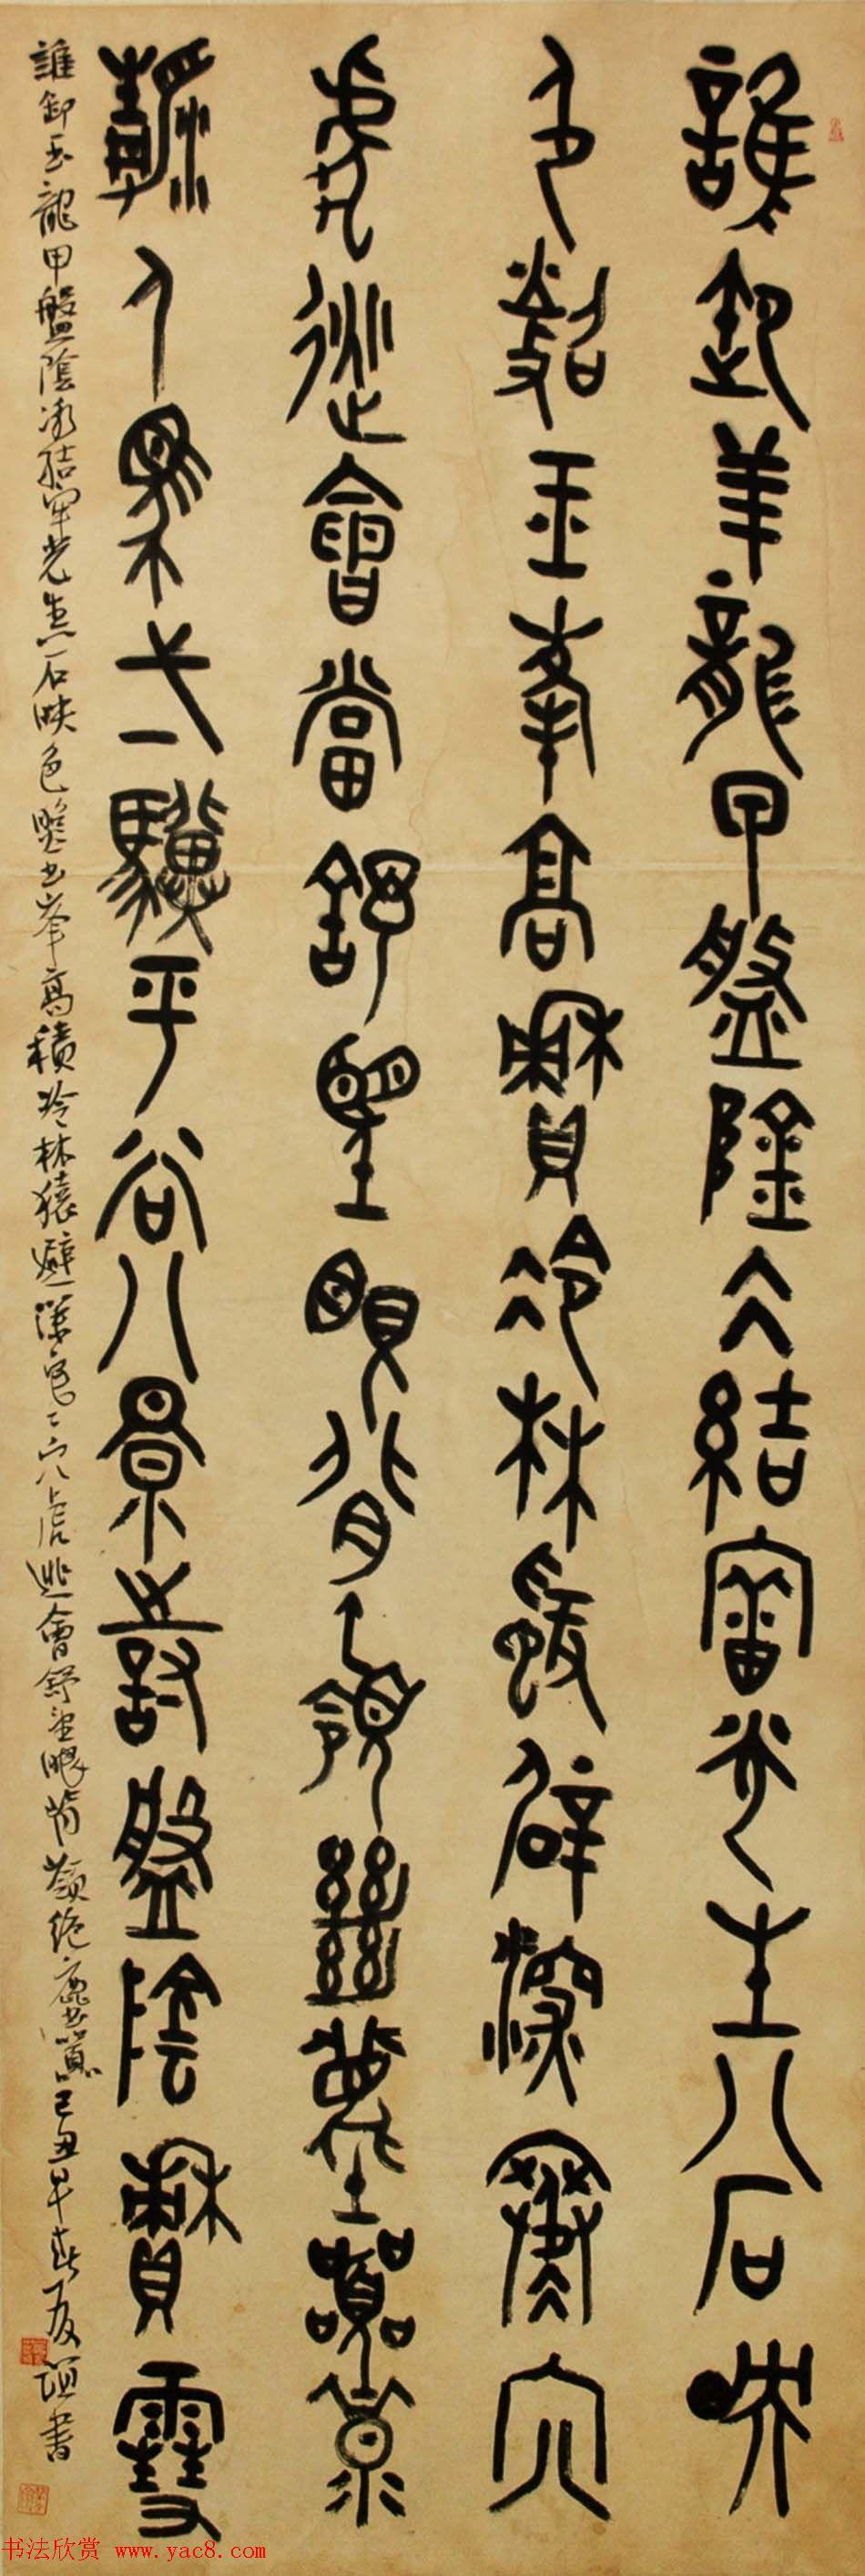 北京王友谊篆书书法作品欣赏 第34页 毛笔书法 书法欣赏